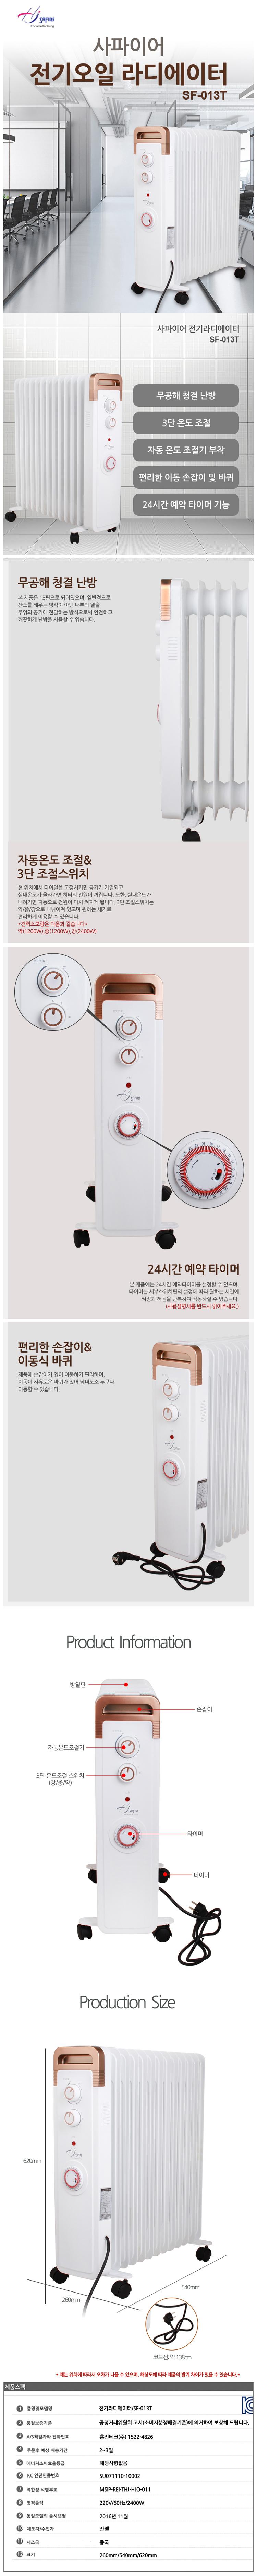 청소기,주방용청소기,핸드형청소기,무선청소기,LED청소기,가정용청소기